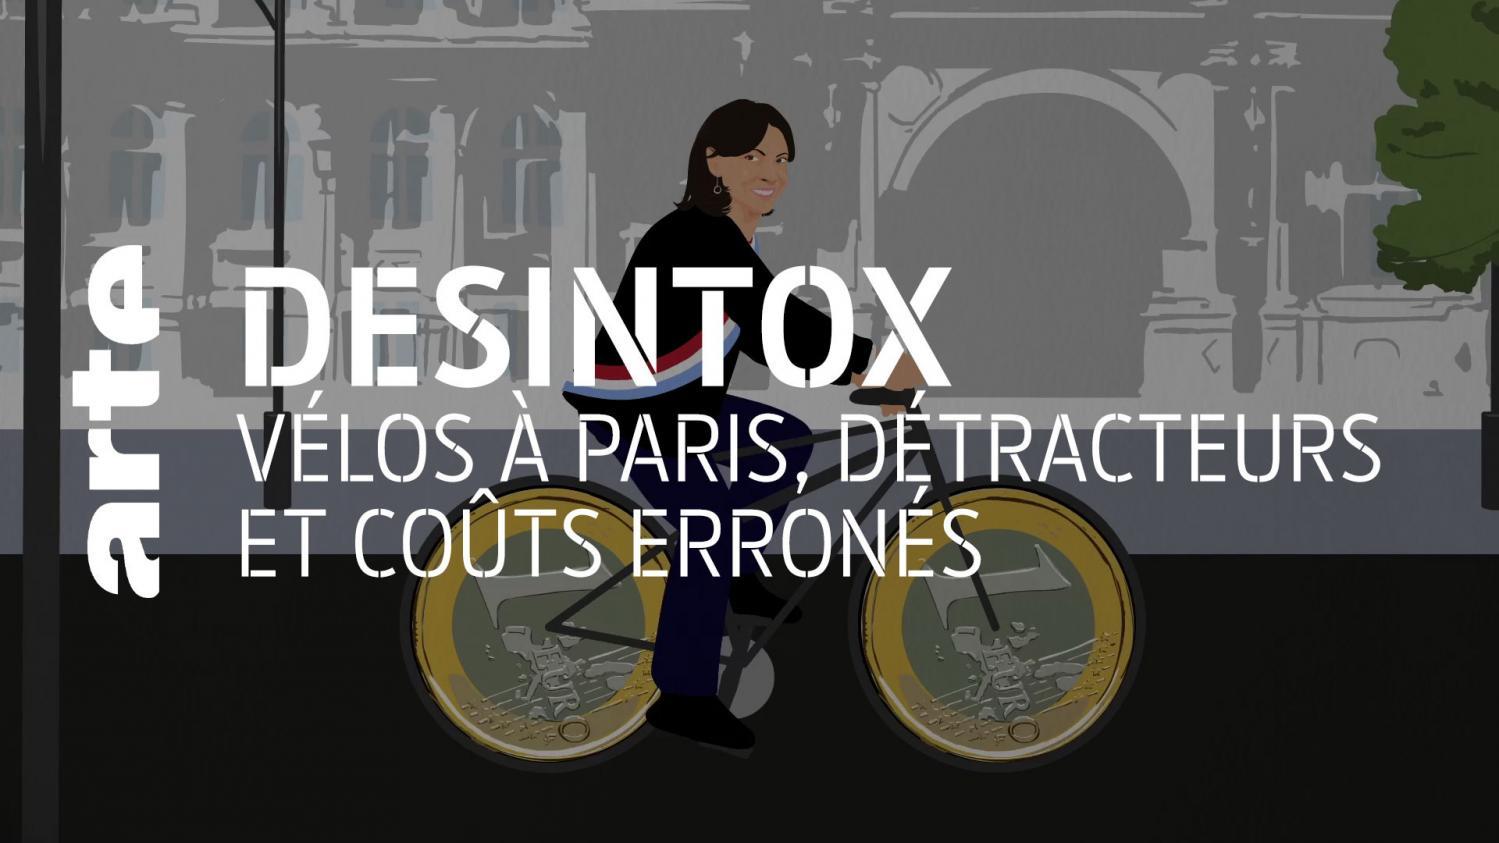 Désintox. Non, la mairie de Paris n'a pas investi 25 000 euros par cycliste pour le plan vélo